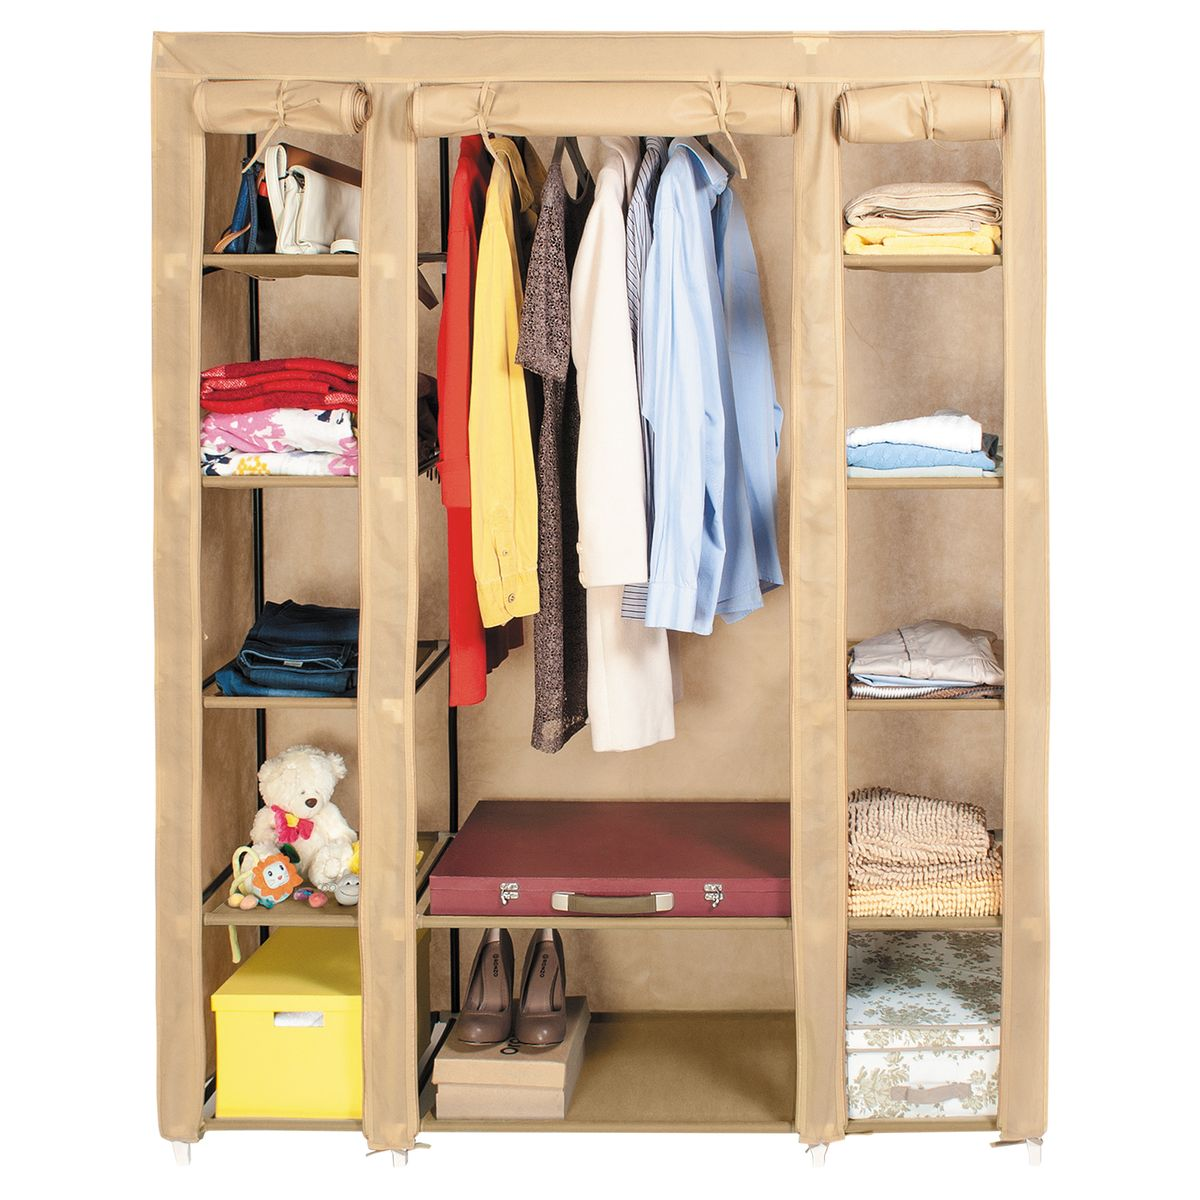 Шкаф для одежды Artmoon Montreal, цвет: бежевый, 135 х 45 х 175 см699263Шкаф для одежды Artmoon Montreal прекрасно подойдет для хранения одежды и аксессуаров. Каркас изделия выполнен из стали, чехол выполнен из нетканого материала с водоотталкивающей пропиткой. Внутри имеется отделение со штангой для хранения вещей на вешалках, а также 12 полок для белья и обуви. Шкаф складной, он легко собирается без инструментов. Выдерживает вес до 30 кг.